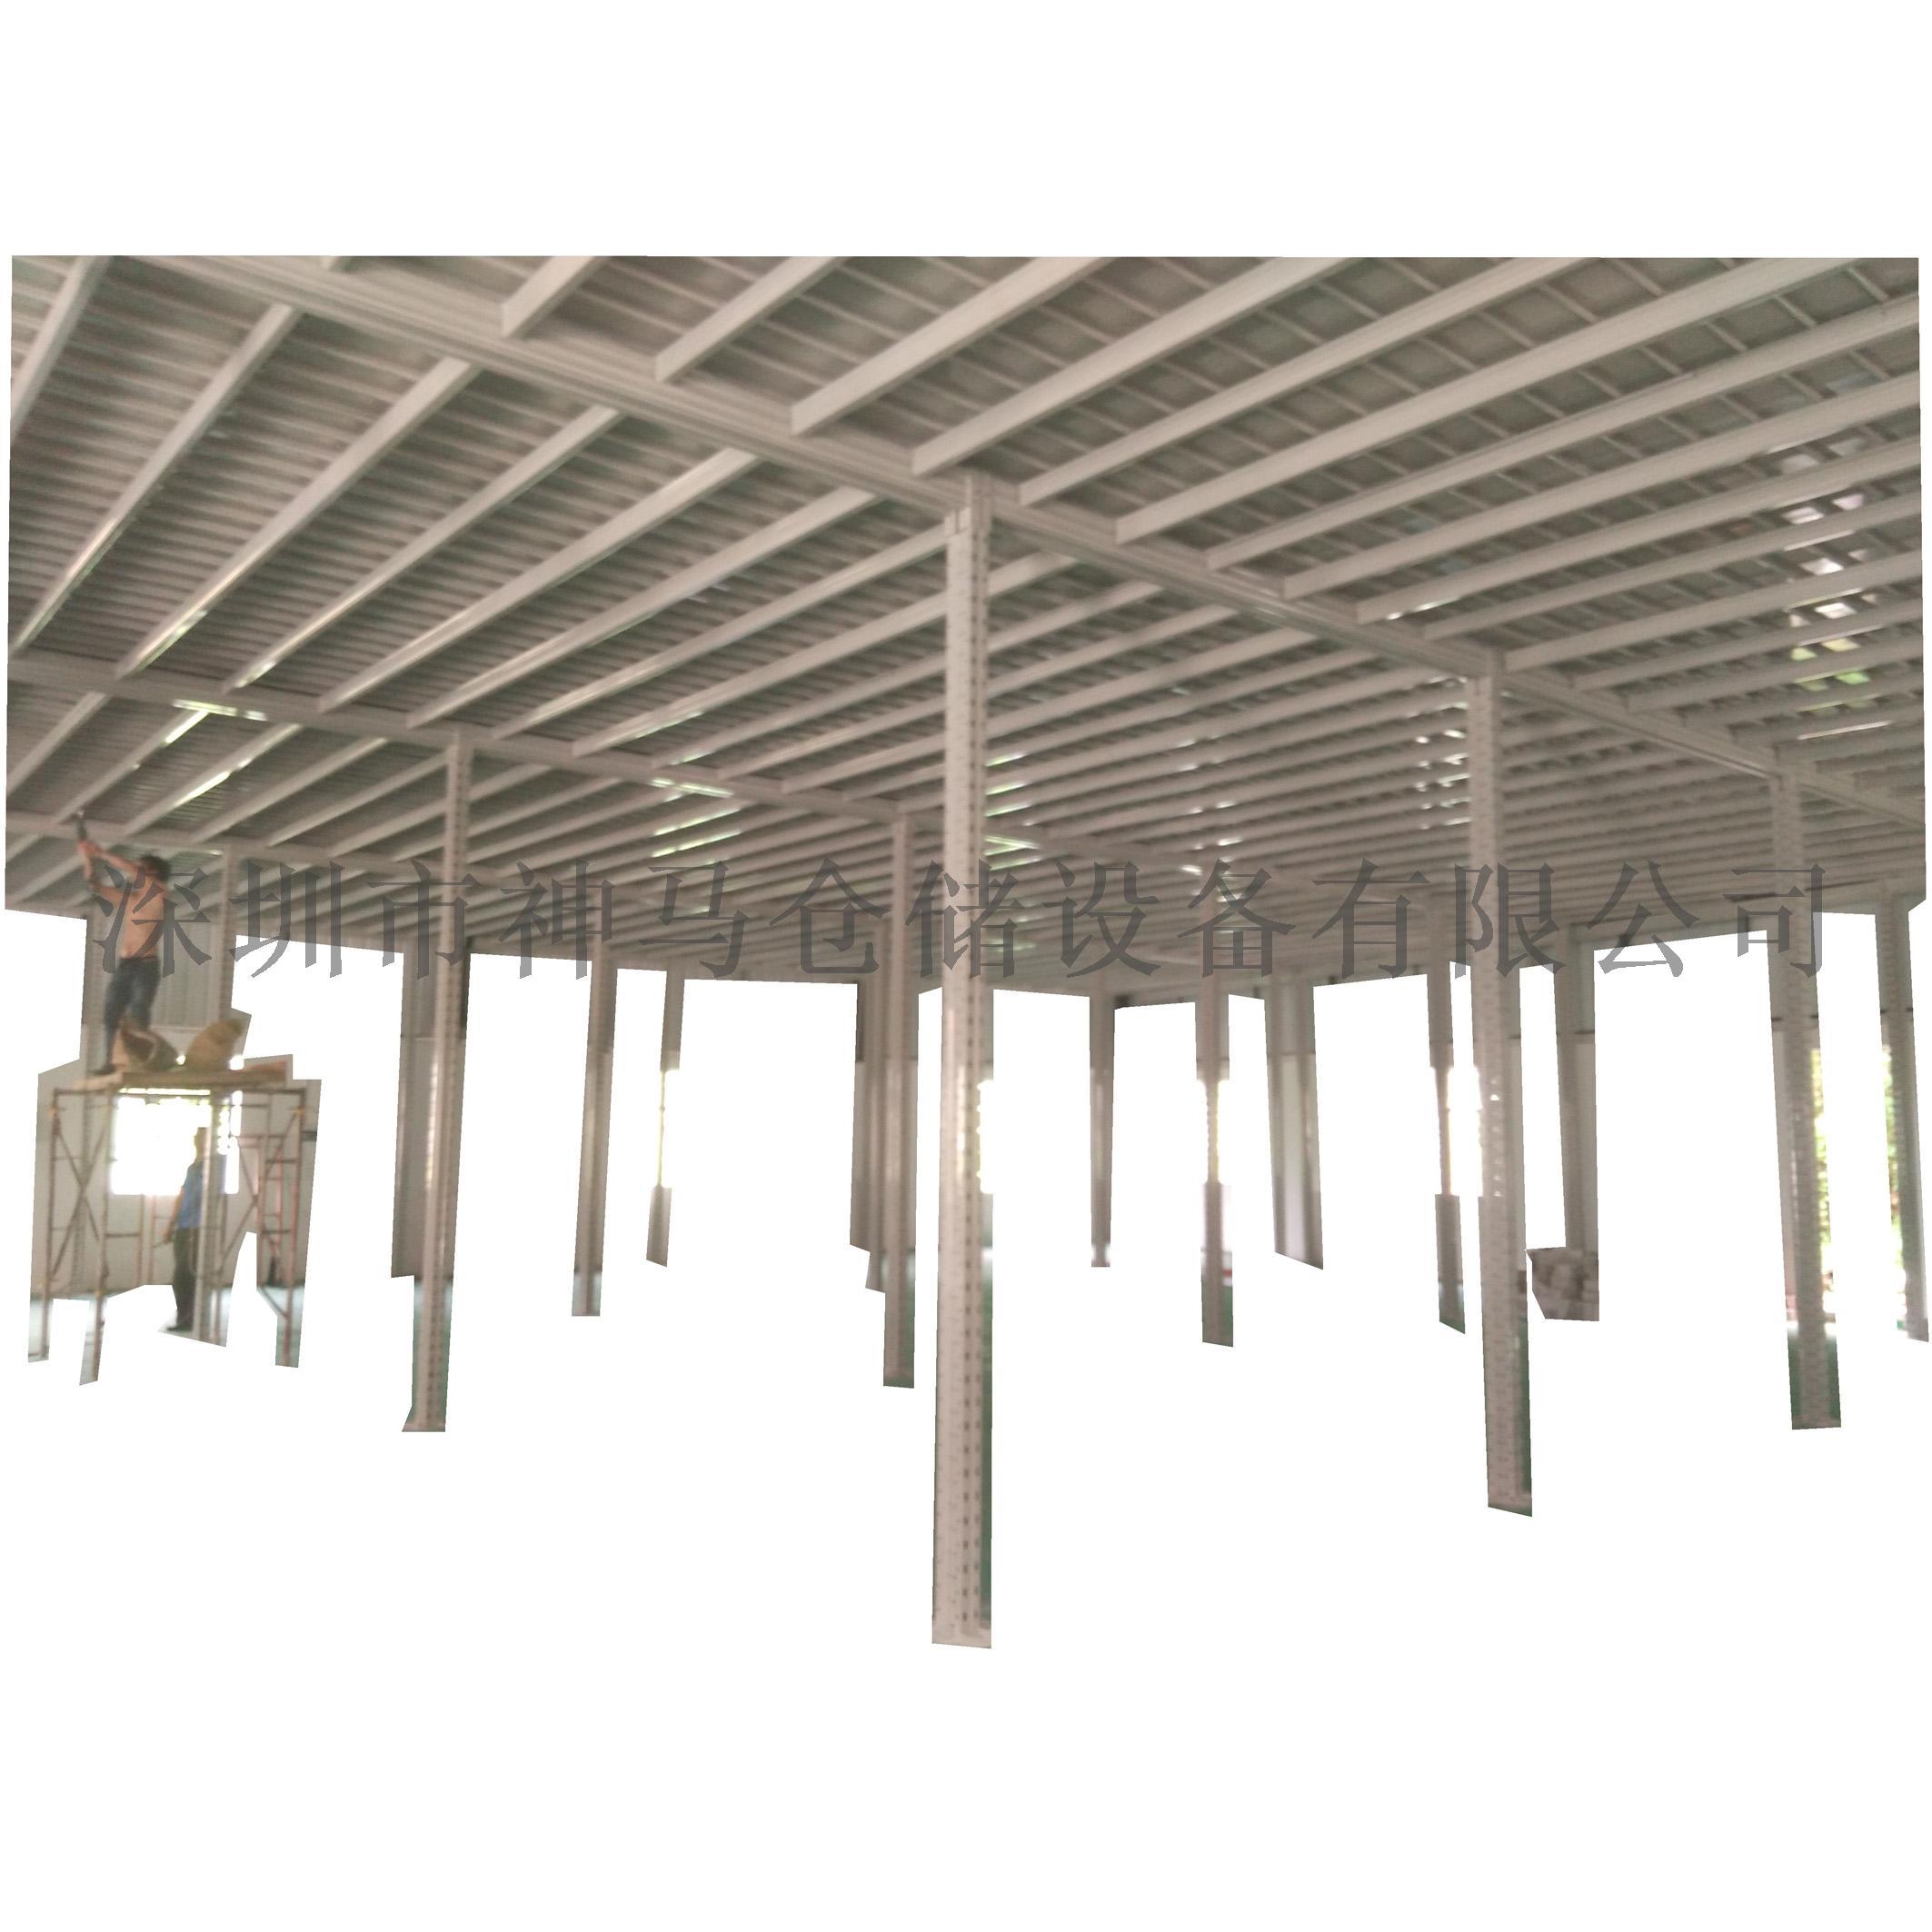 广州平台仓储货架厂,仓库平台设计,广东仓储平台货架149301895